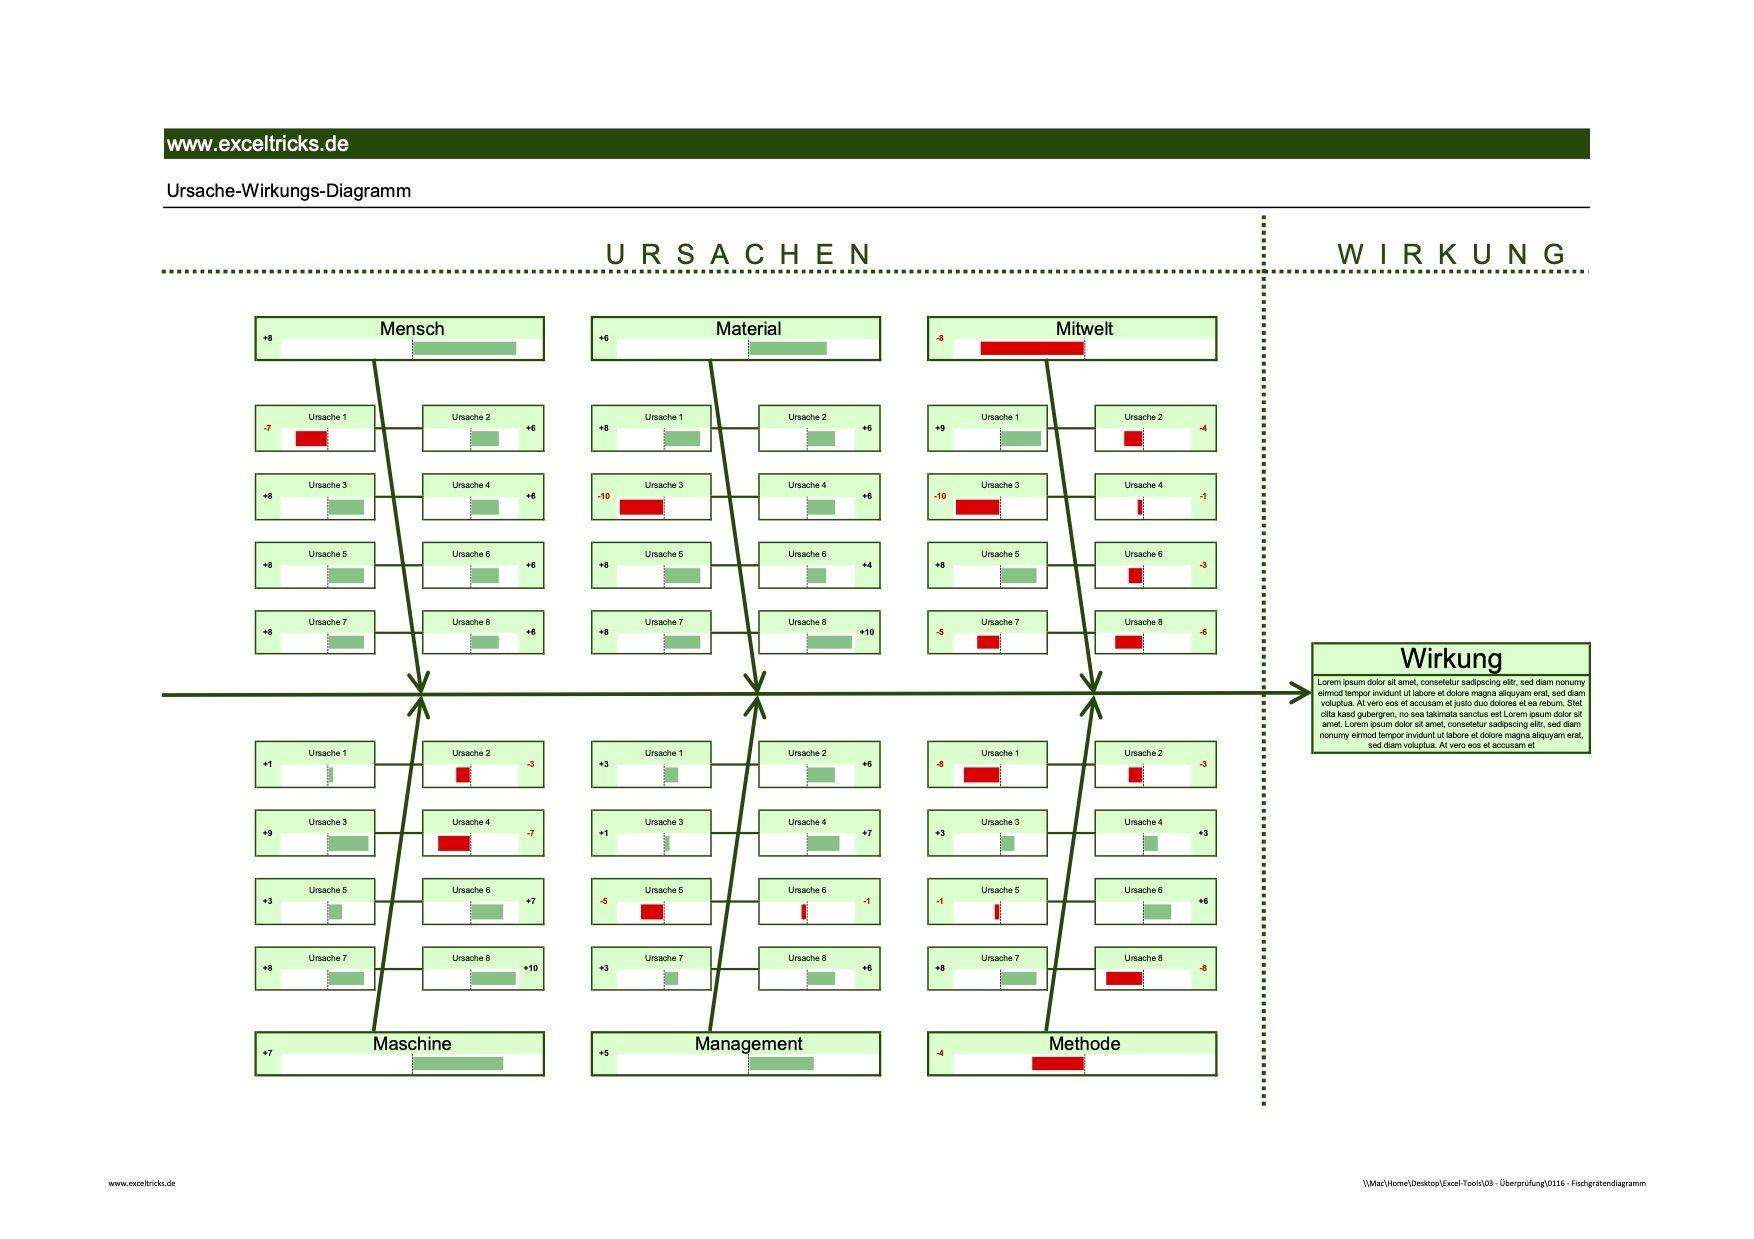 Mit Der Excel Vorlage Fischgratendiagramm Ishikawa Diagramm Ursachen Analysieren Exceltricks In 2020 Excel Vorlage Diagramm Analysieren